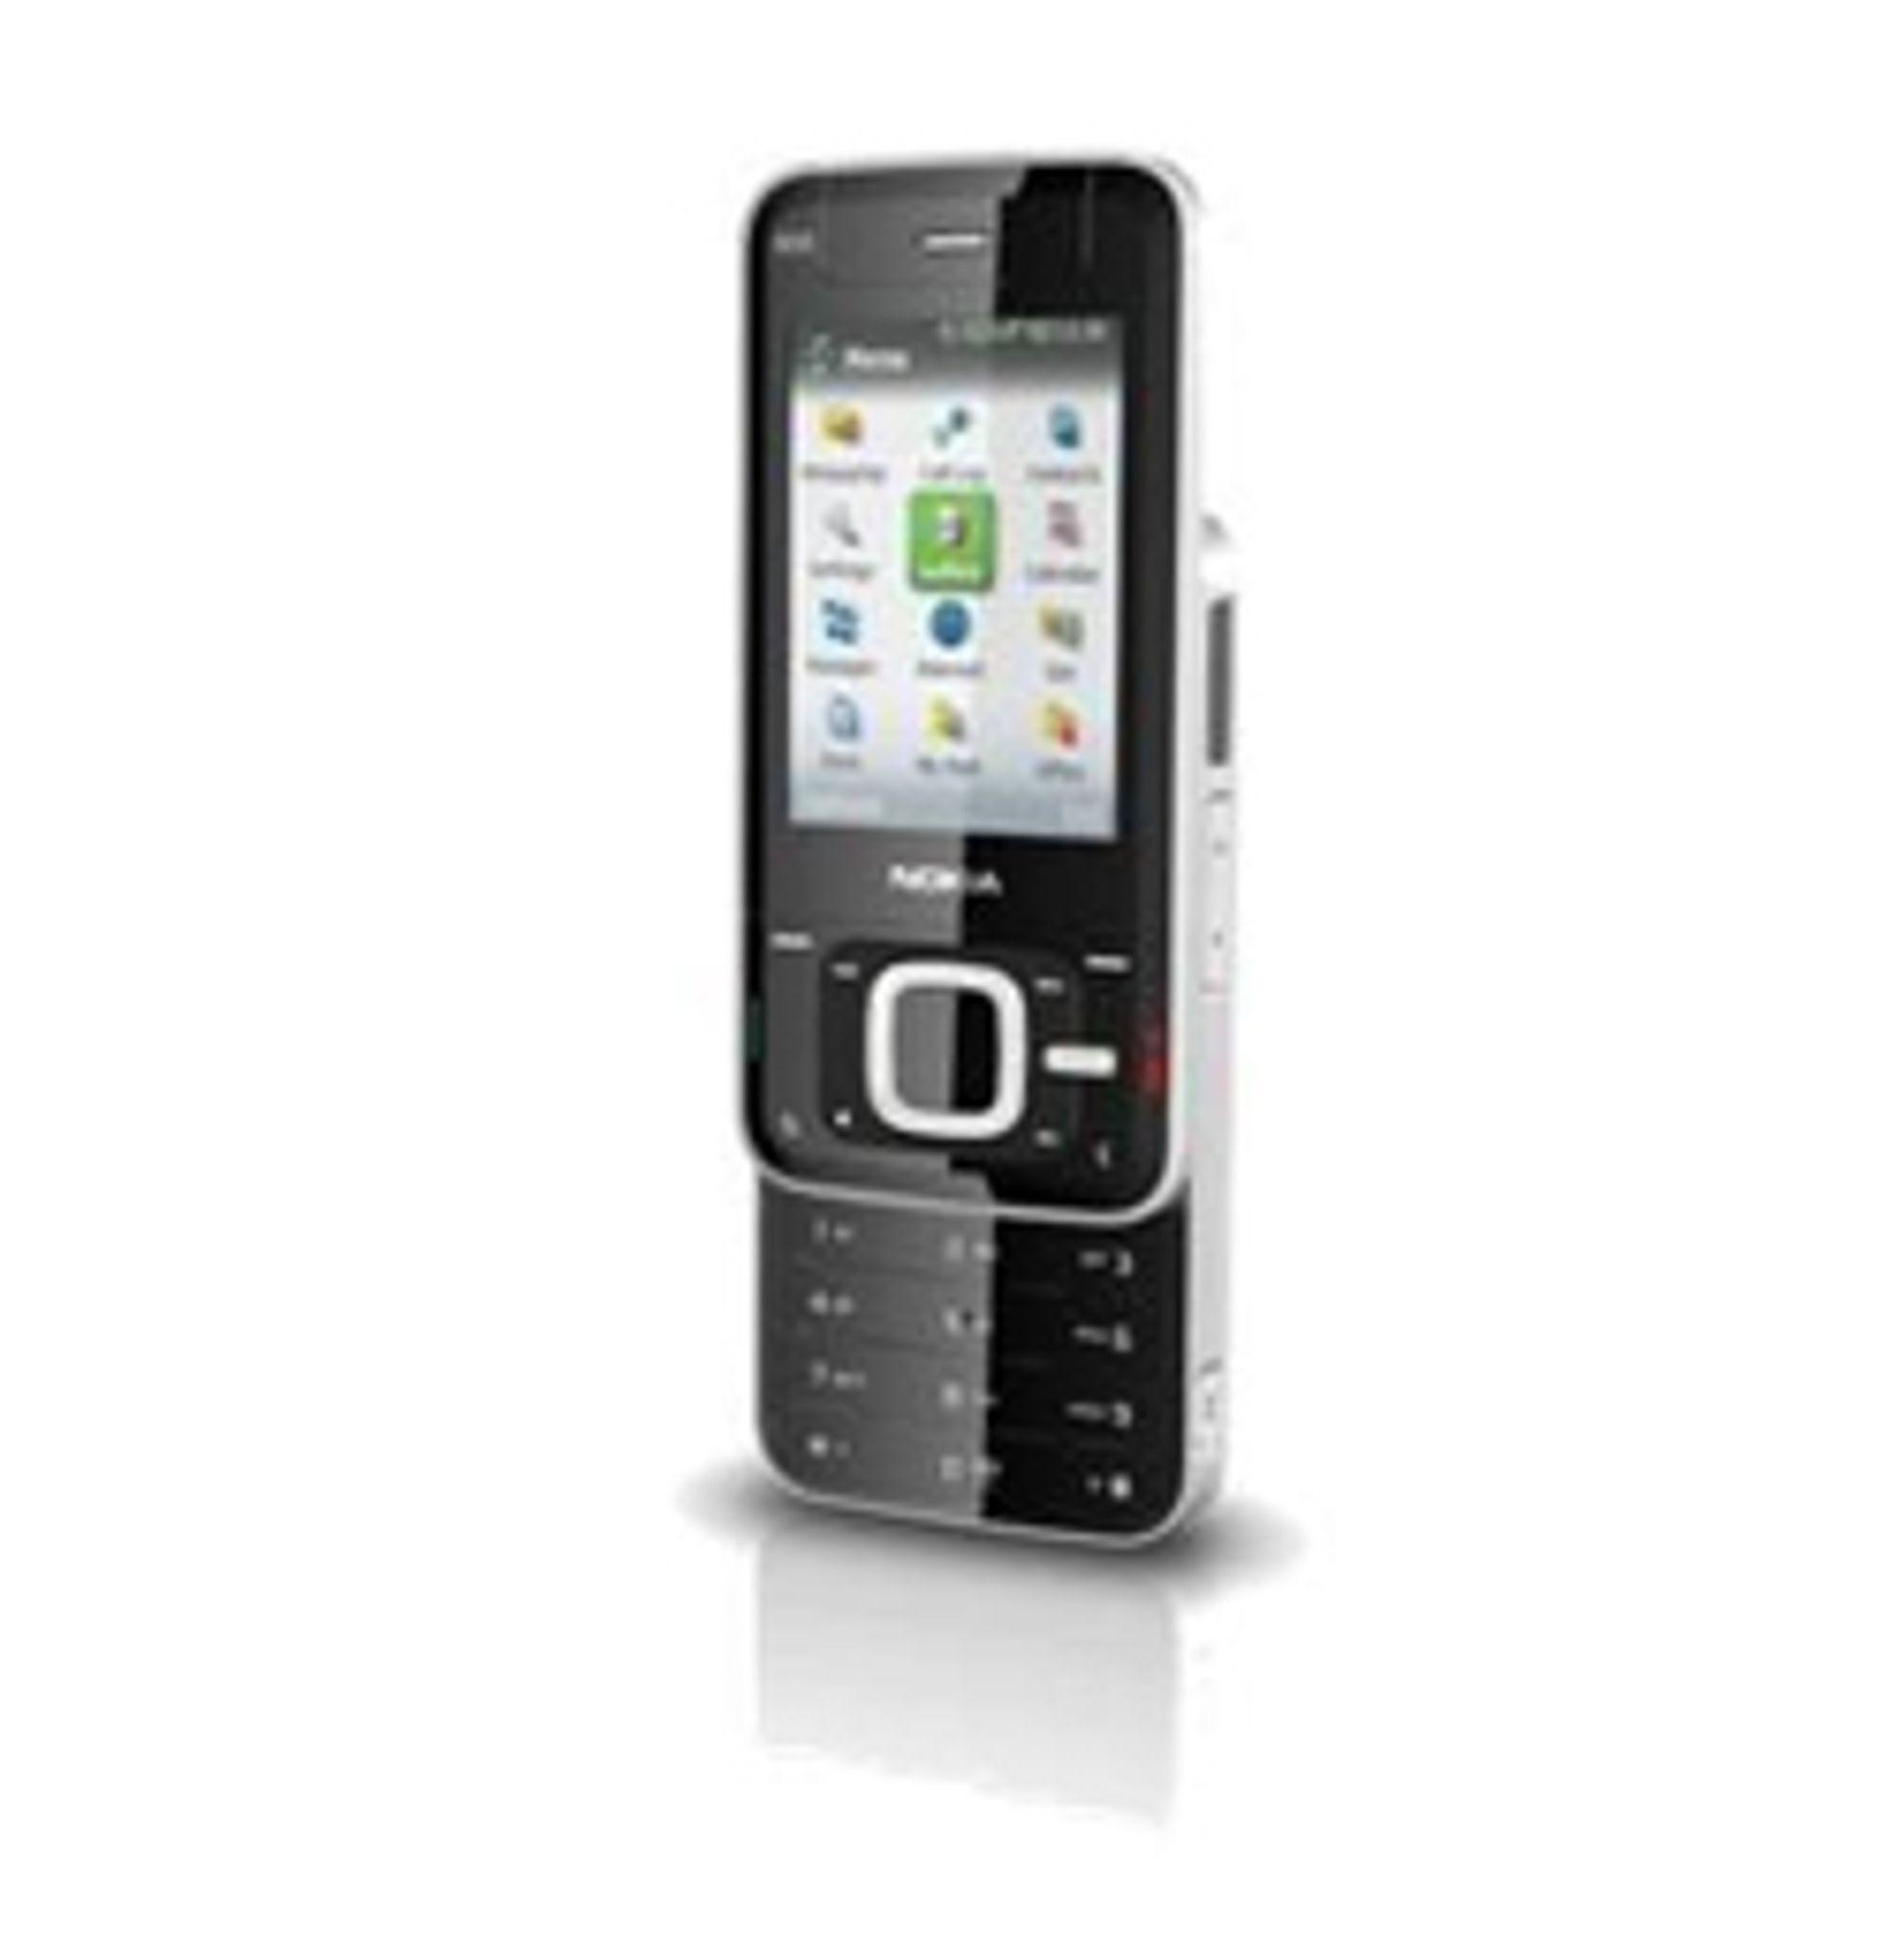 Dette hevdes å være Nokia N81.